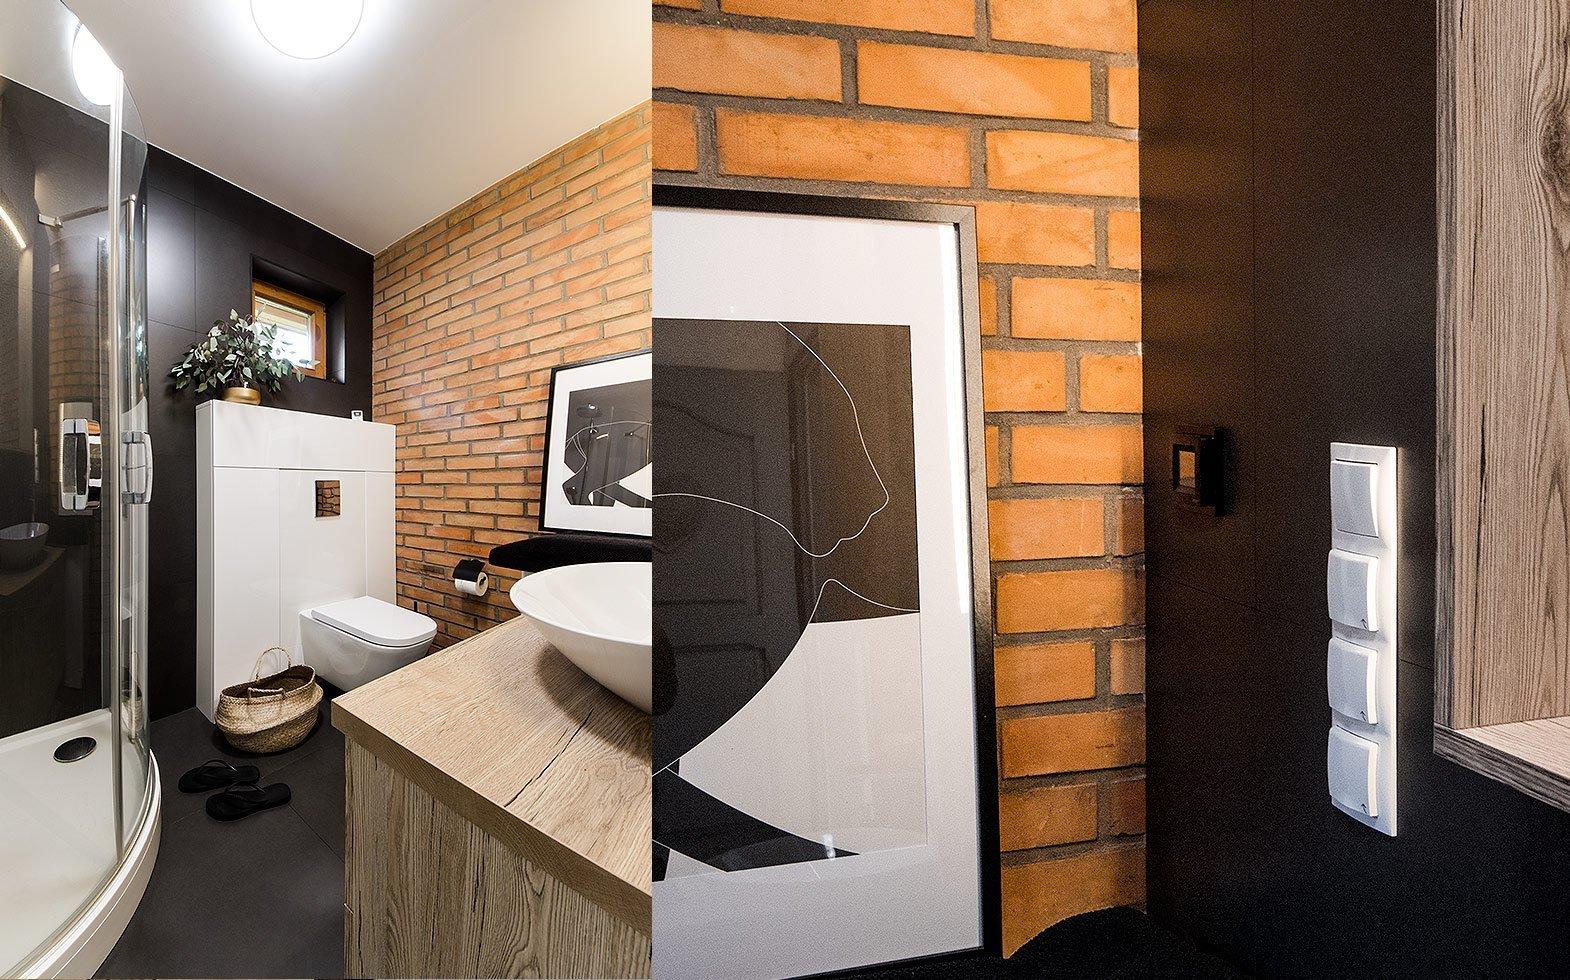 V oblasti Kaszuby, u Baltského moře v Polsku, vznikl zajímavý projekt domu. Toto prosluněné bydlení je plné kontrastů. Staré se střídá s novým a moderním. Majitelé si na pomoc při návrhu interiéru přizvali designéry ze studia Kowalczyk-Gajda, kteří se rekonstrukci věnovali, až po konečnou realizaci projektu.